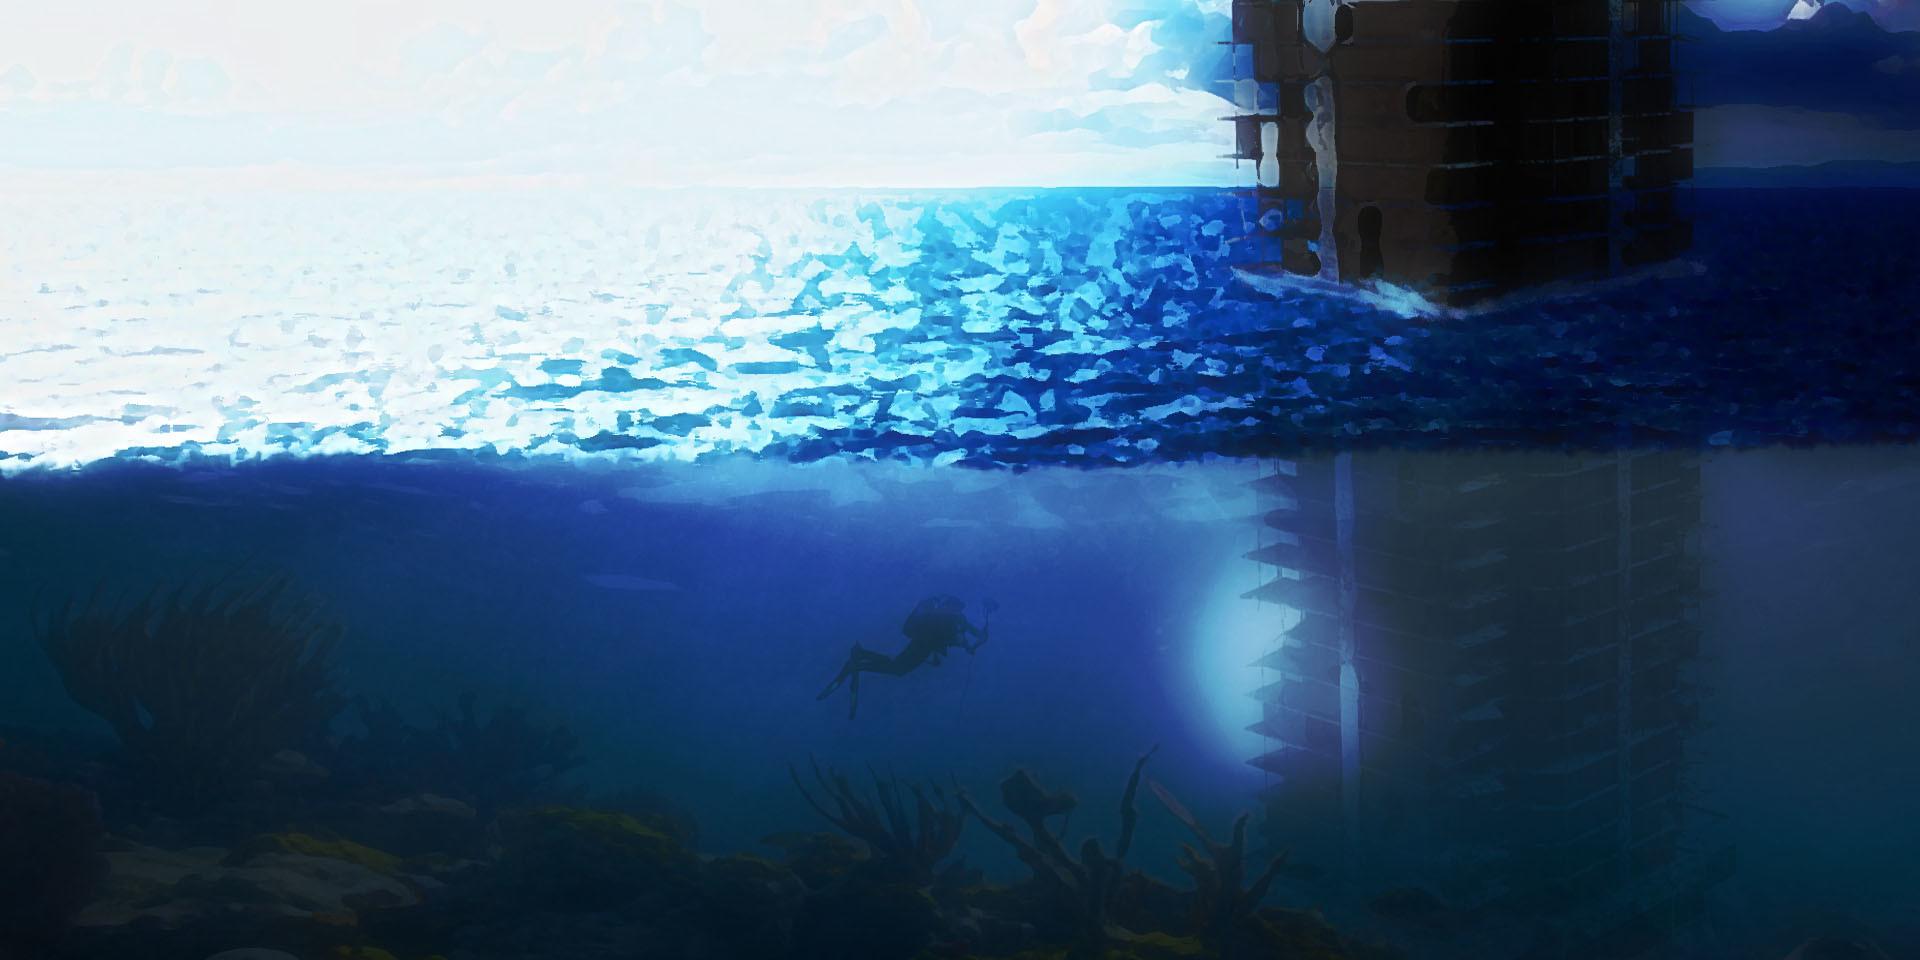 Rene berwanger under water